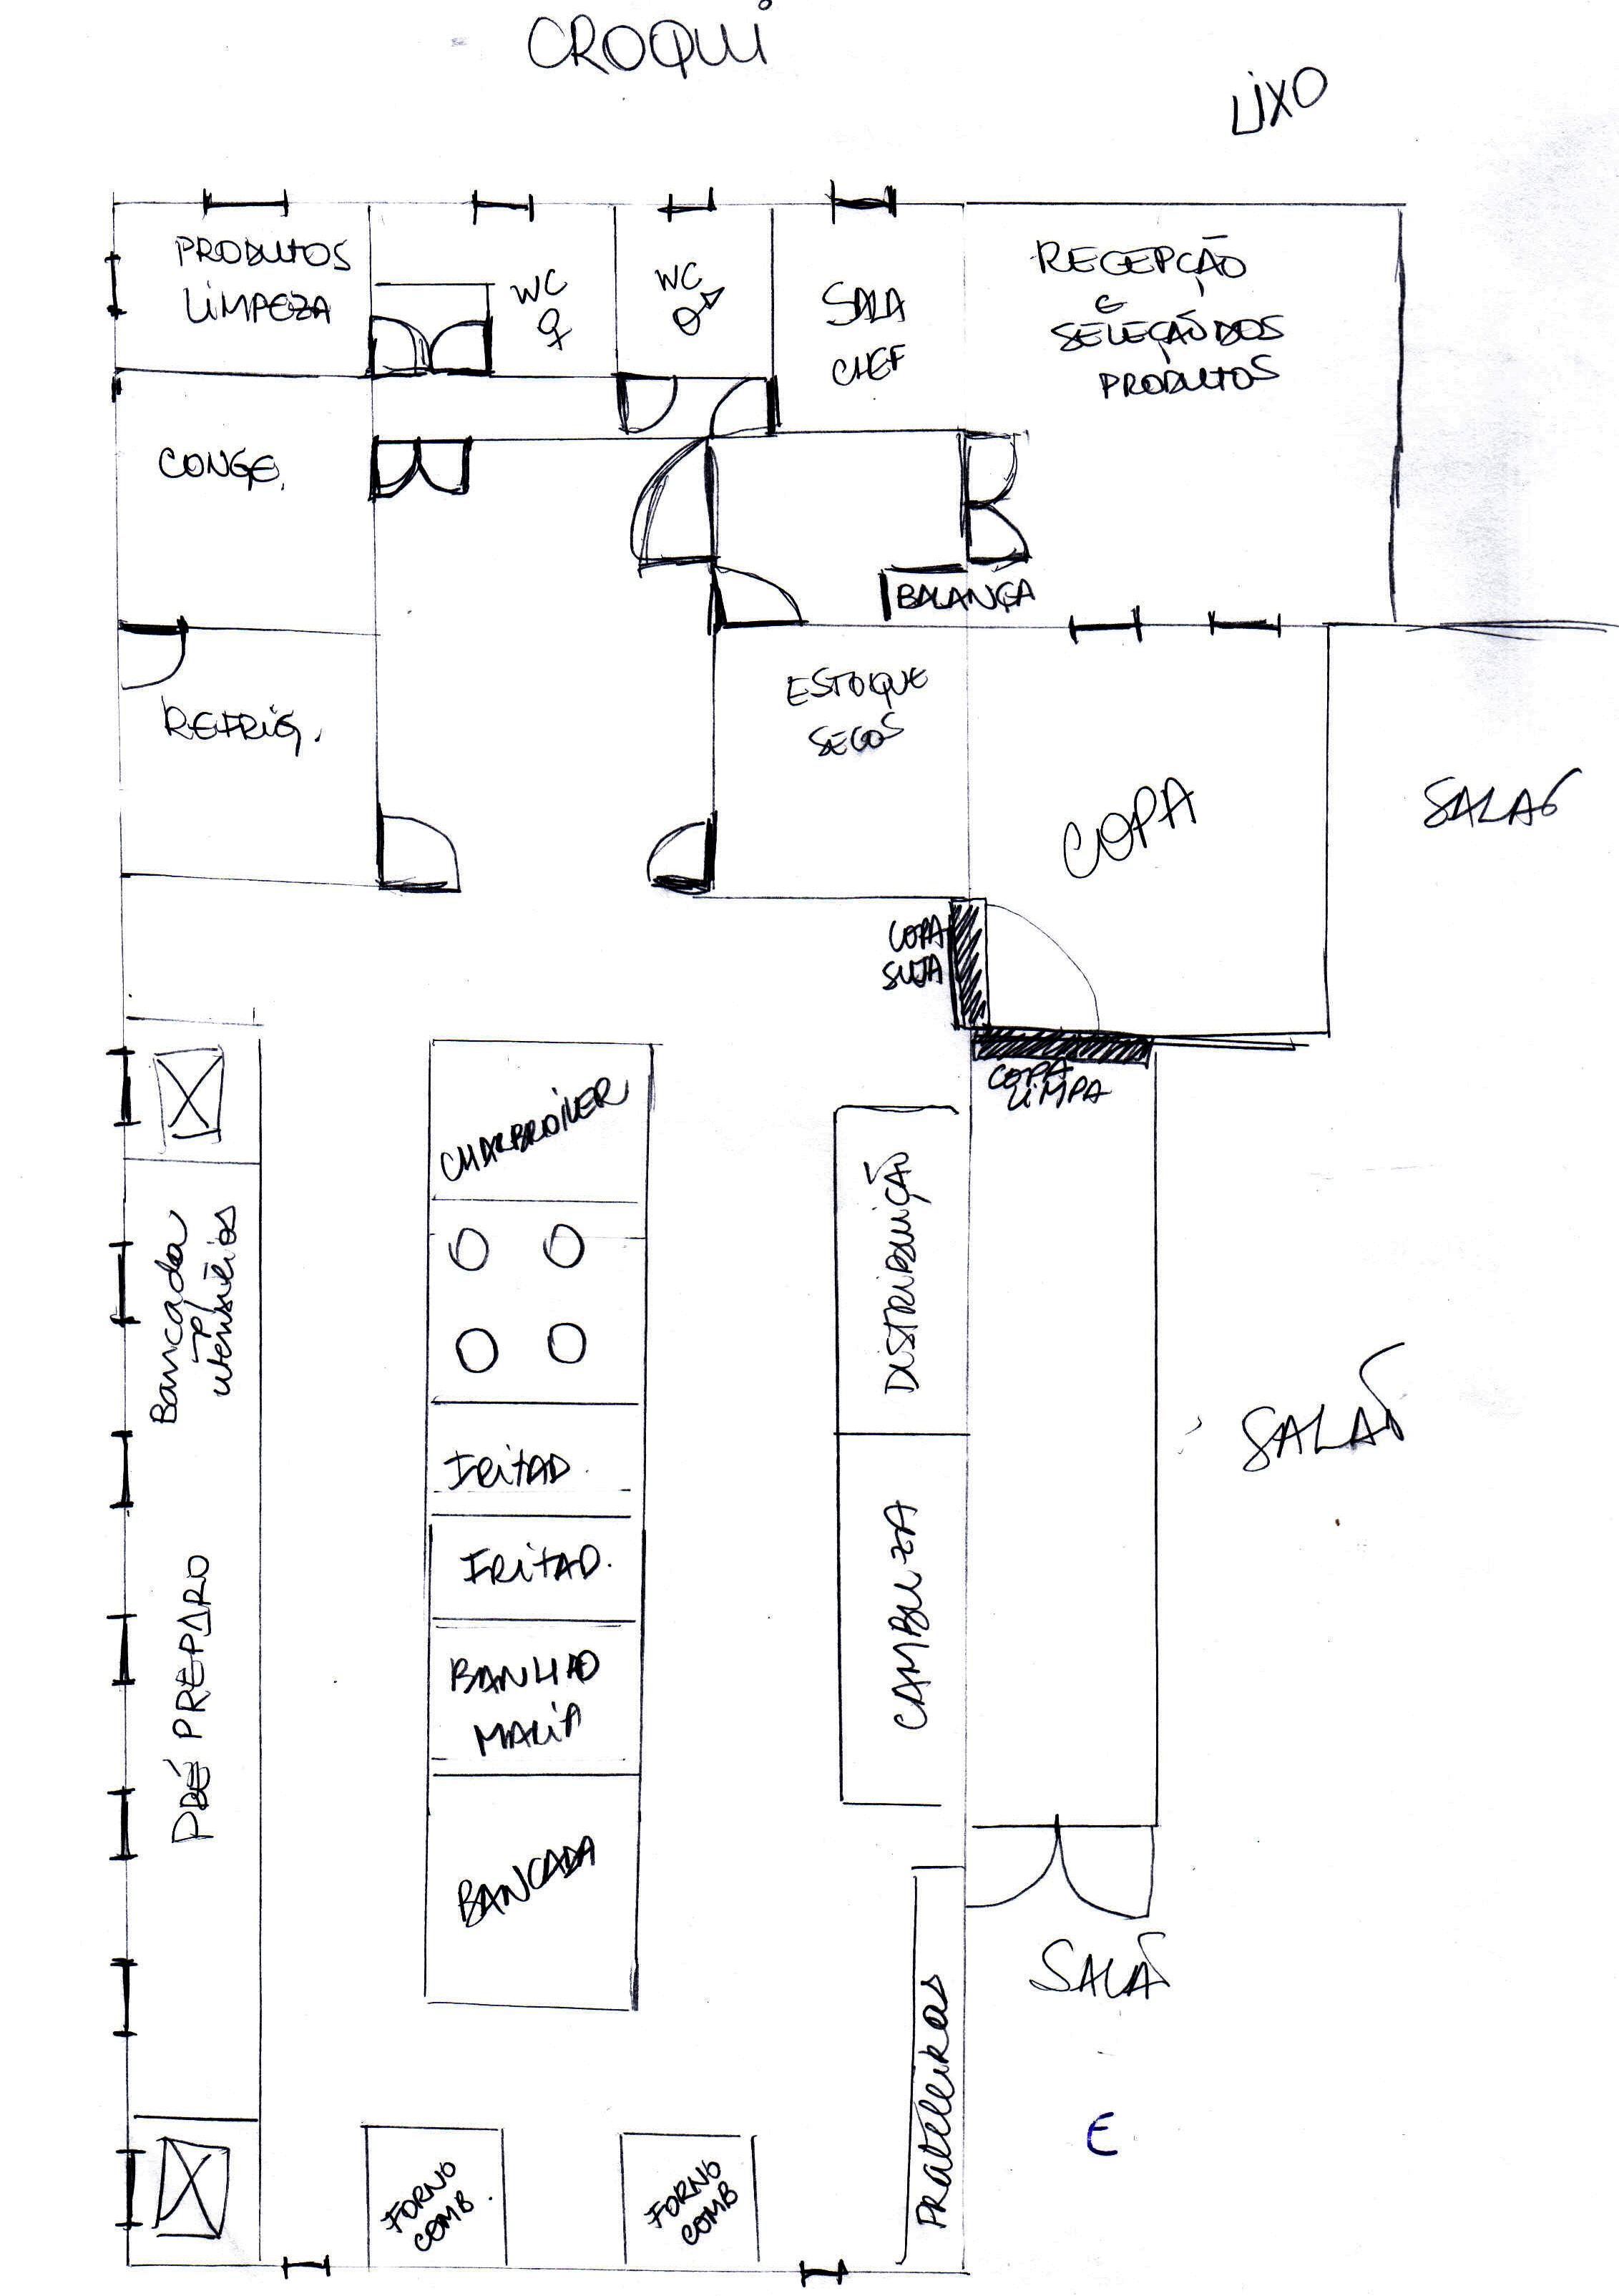 ! Nosso Croqui Anteprojeto e ampliação de uma cozinha profissional #303037 2263 3209